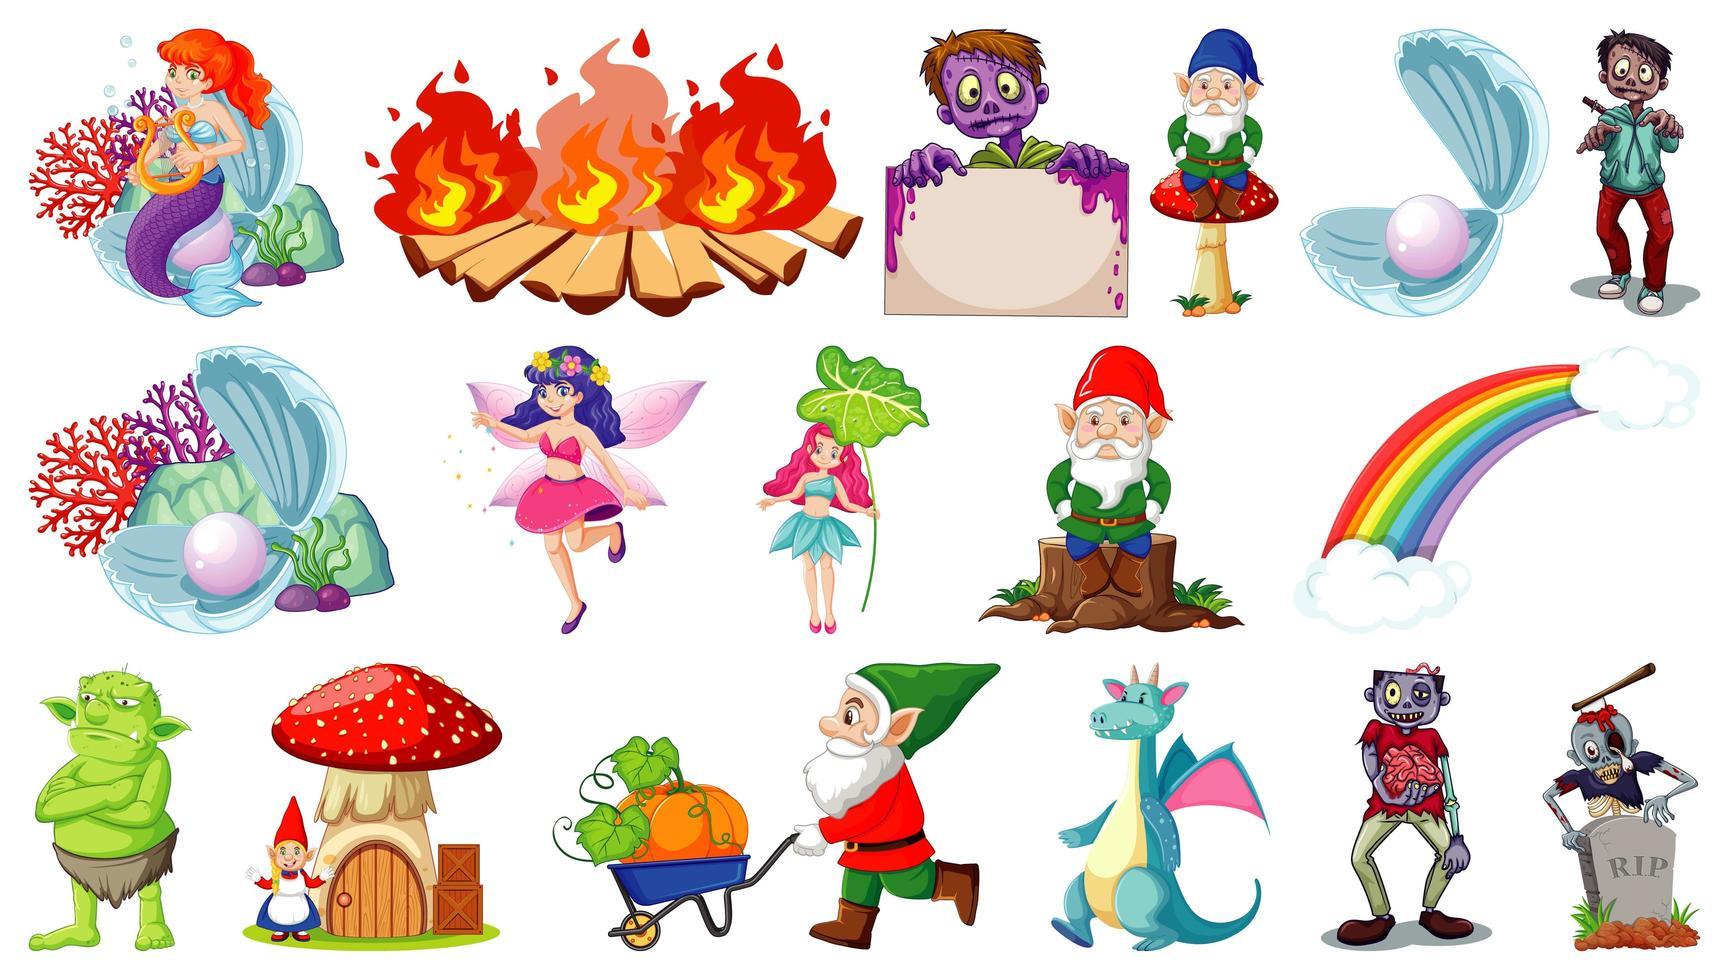 personajes de dibujos animados y tema de fantasía aislado sobre fondo blanco vector